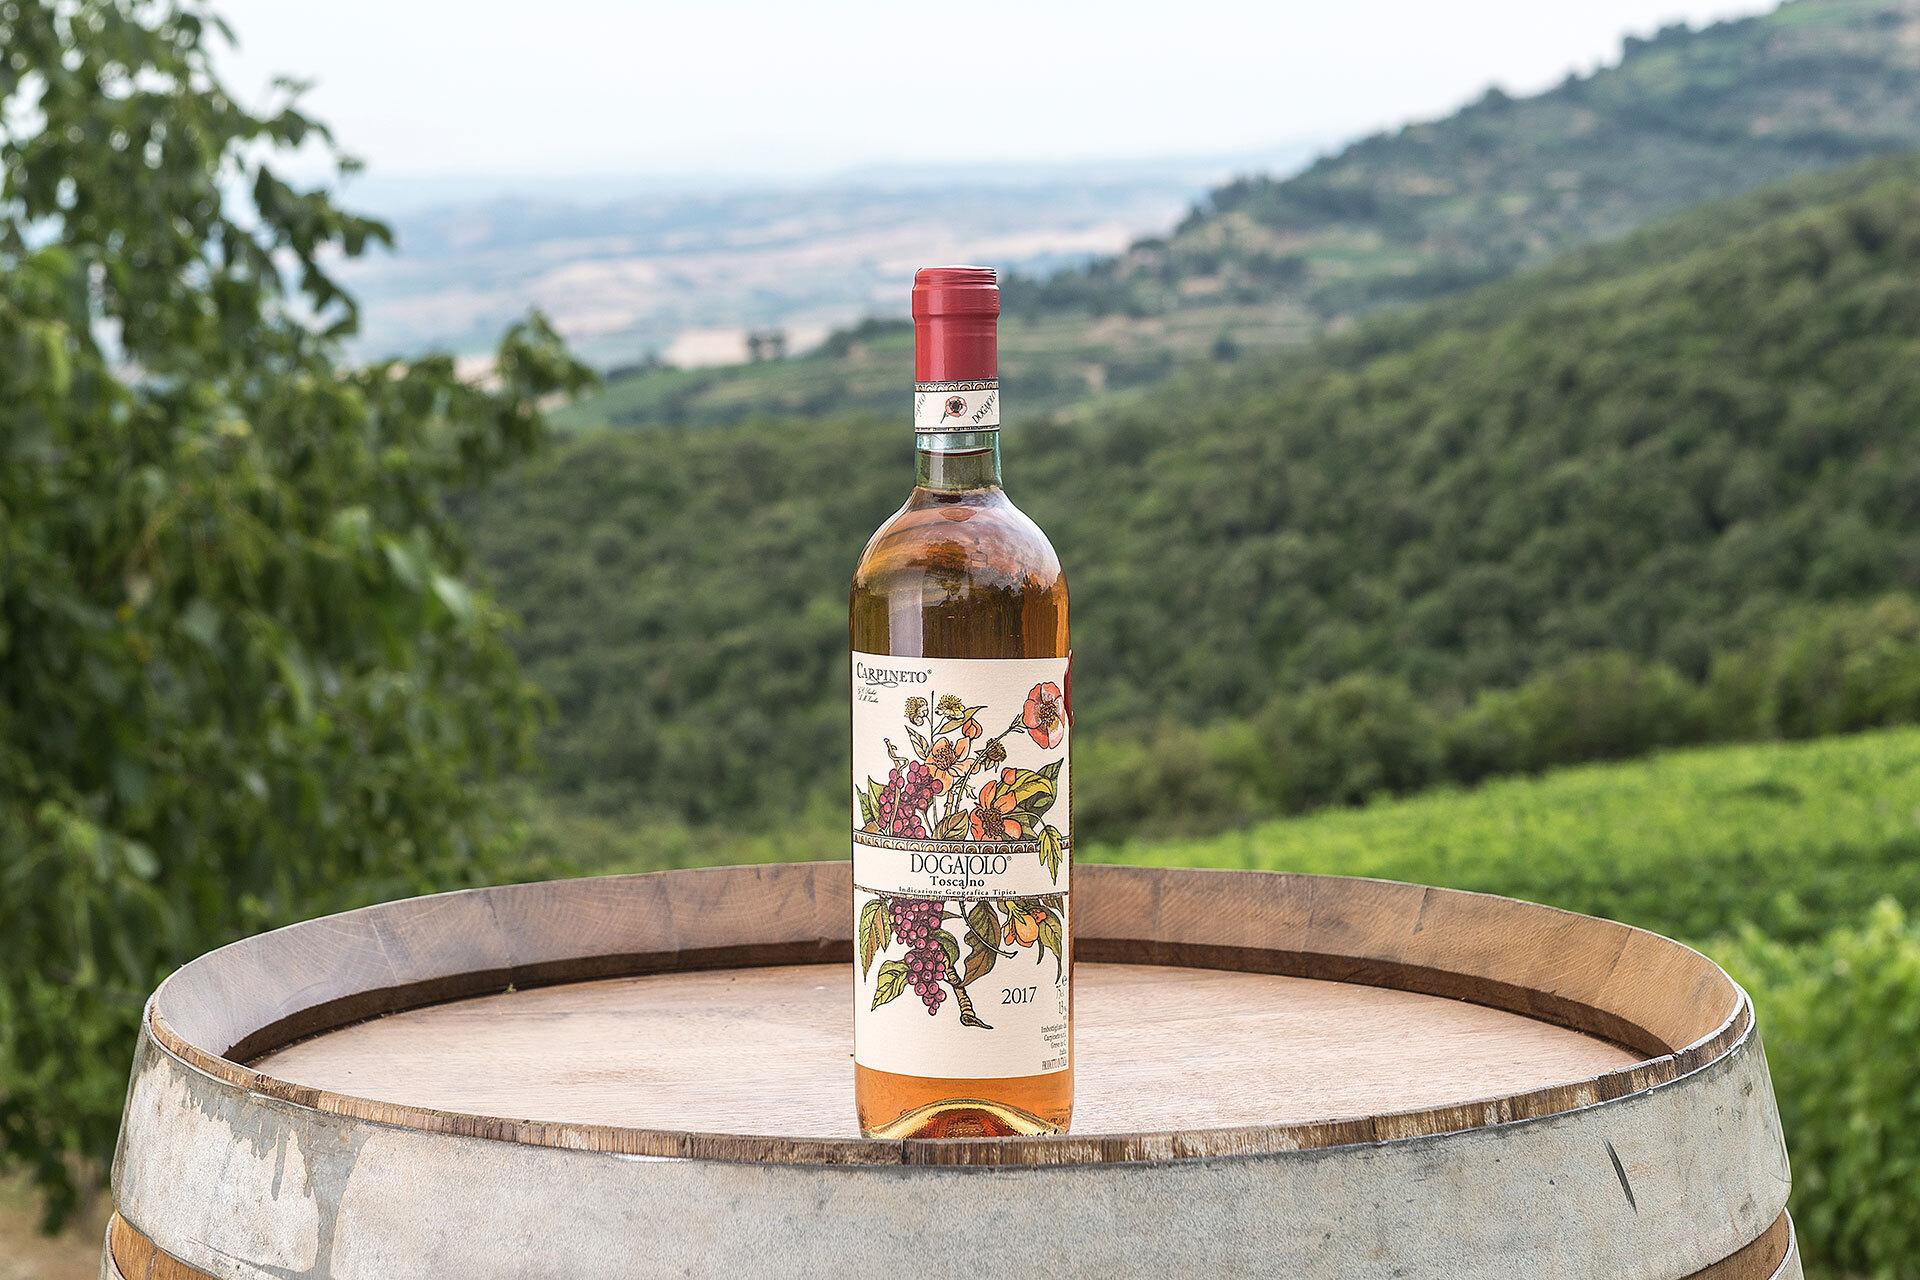 Dogajolo Toscano Rosato I.G.T: il vino perfetto per brindare alle Mamme